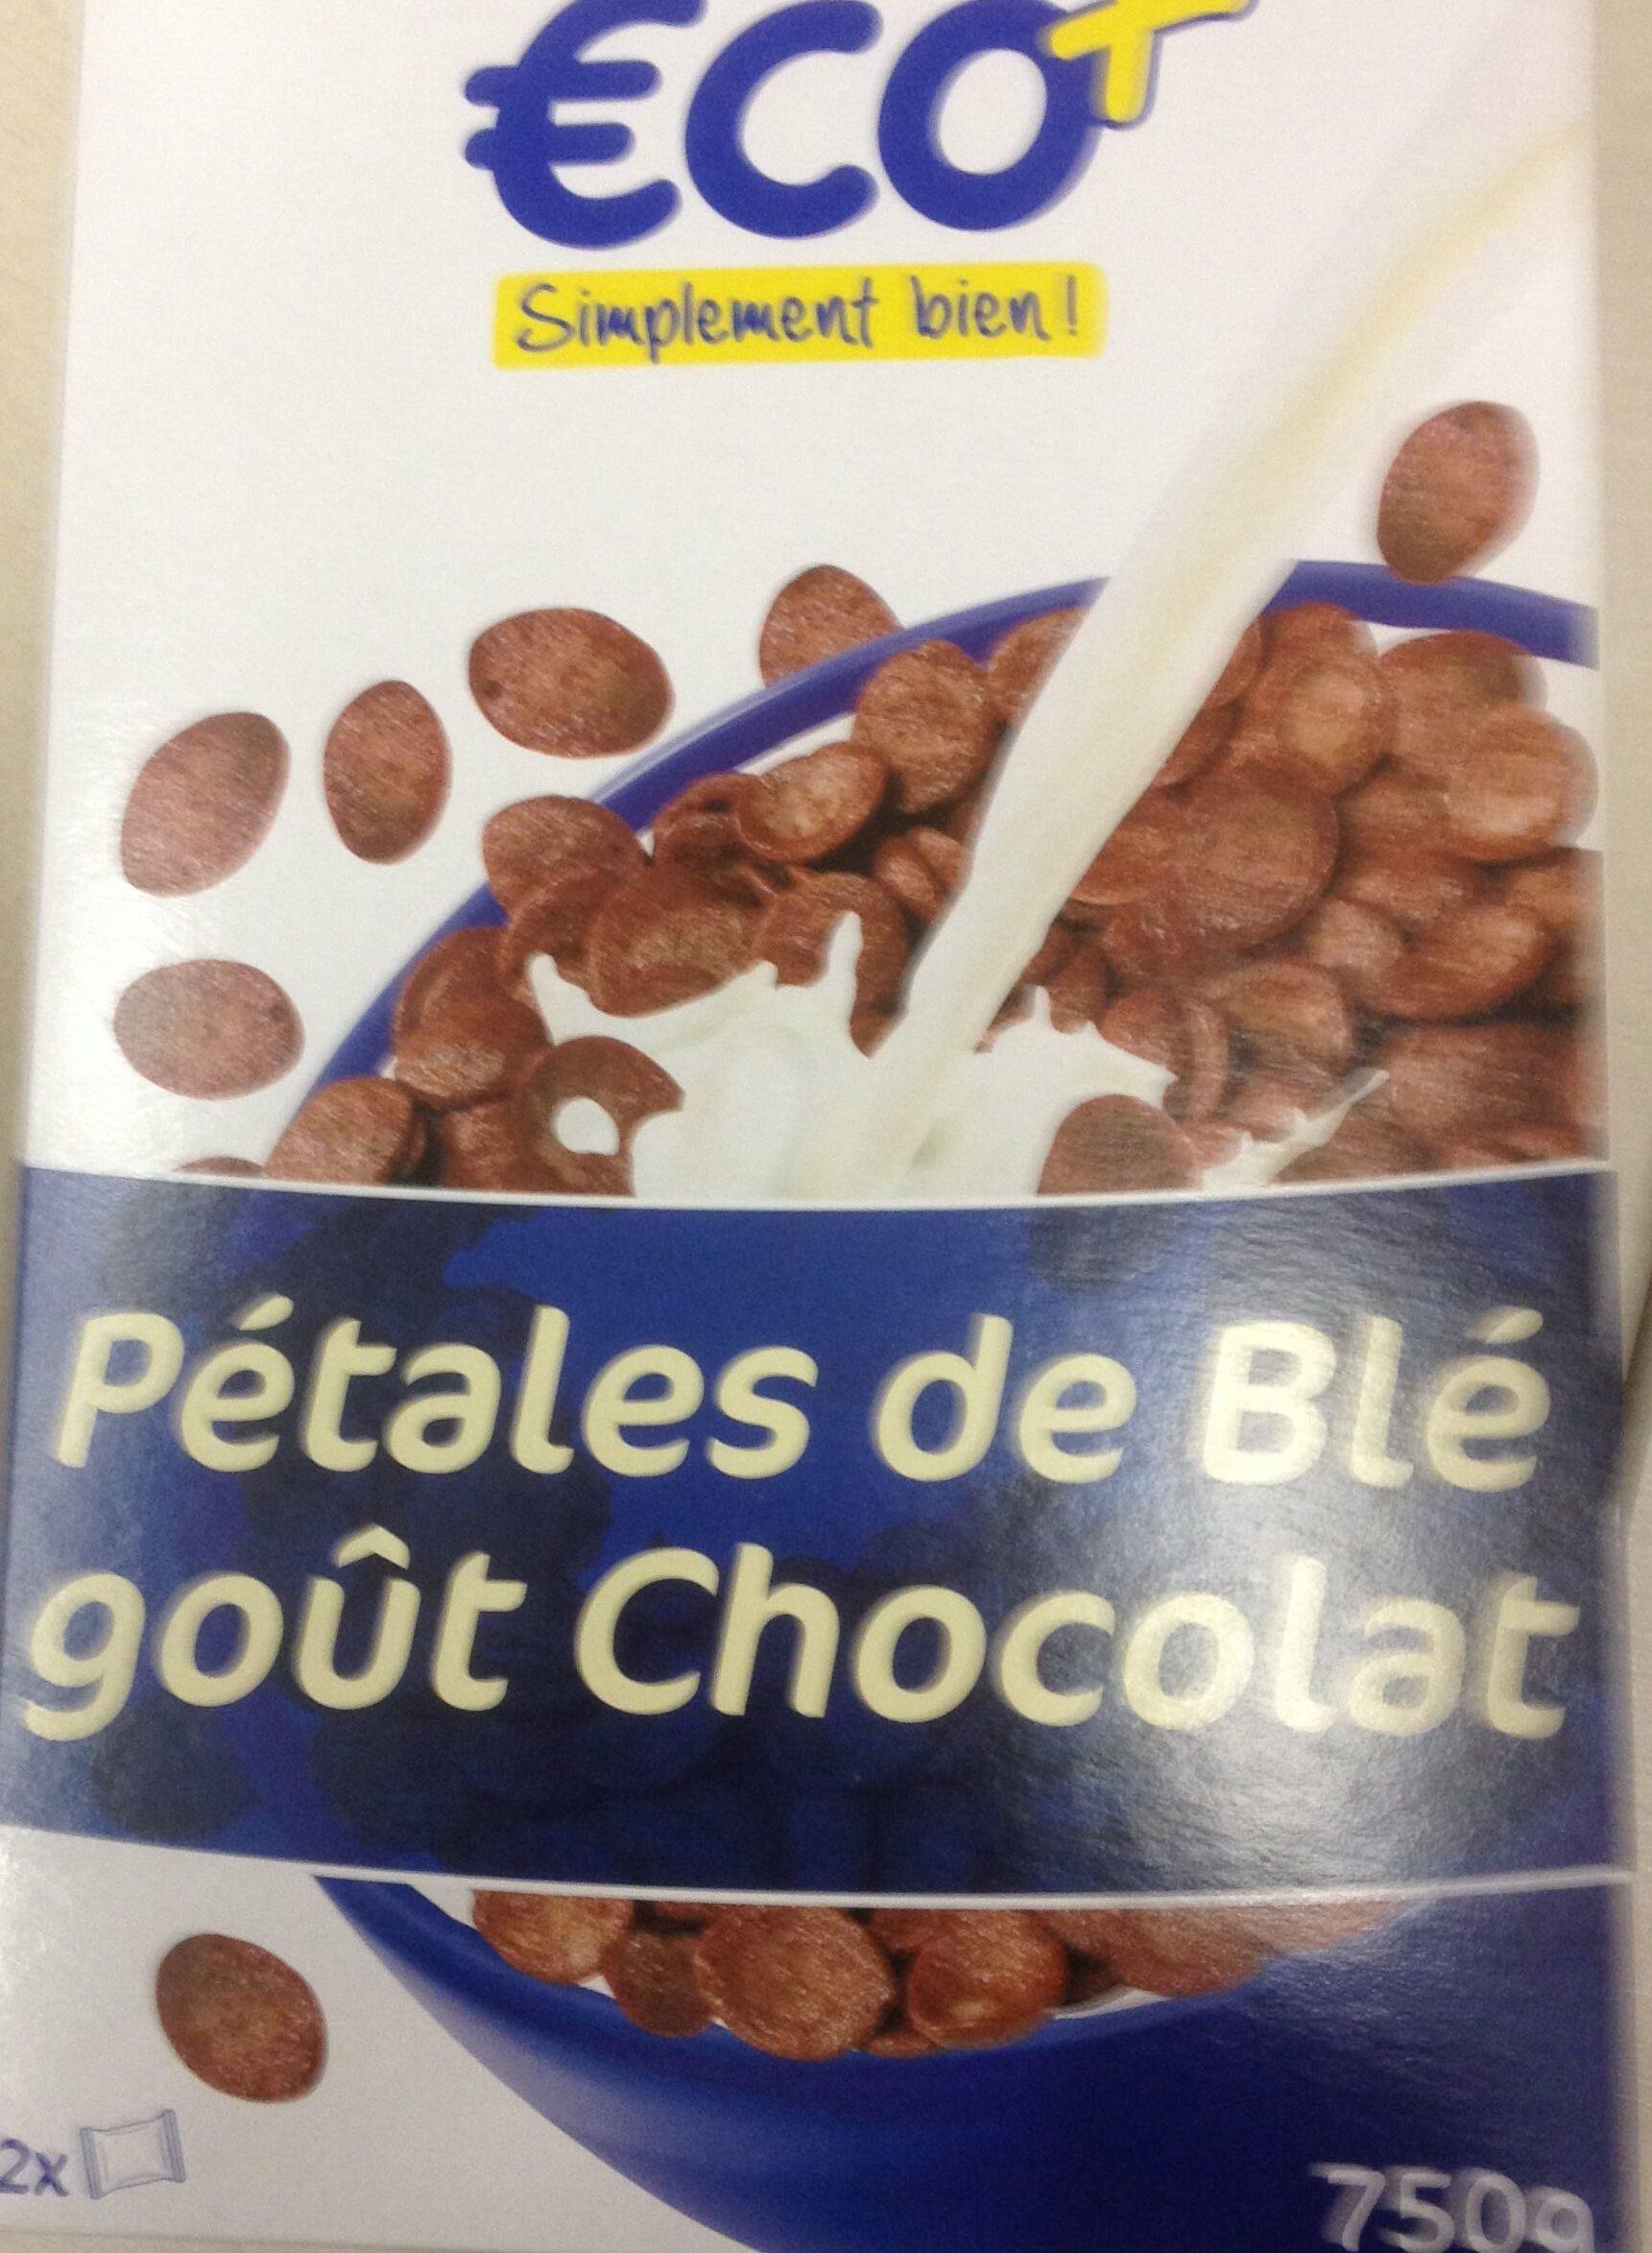 Pétales de blé goût Chocolat - Produit - fr